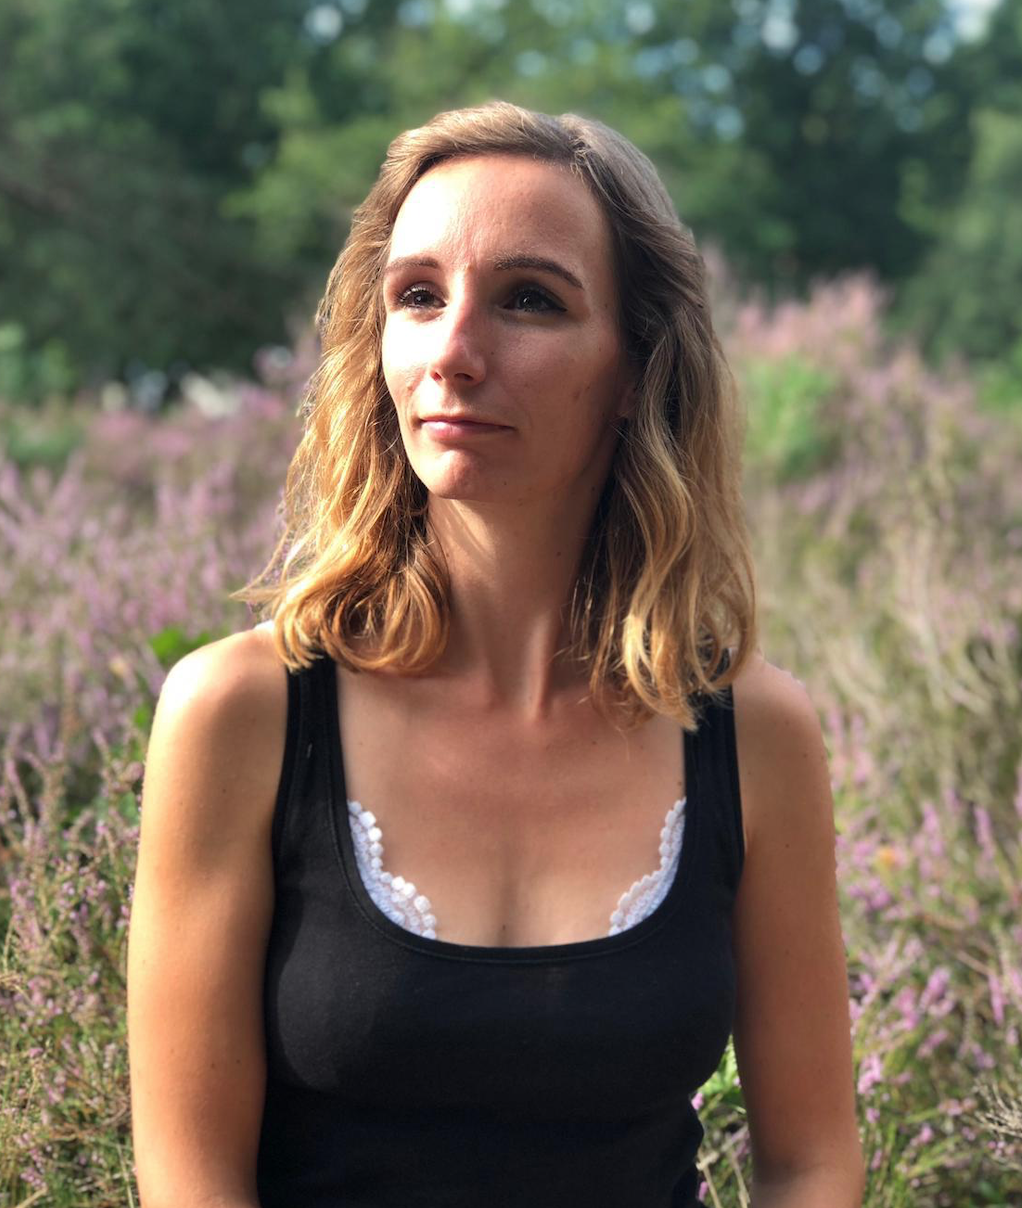 Amanda Korpelshoek